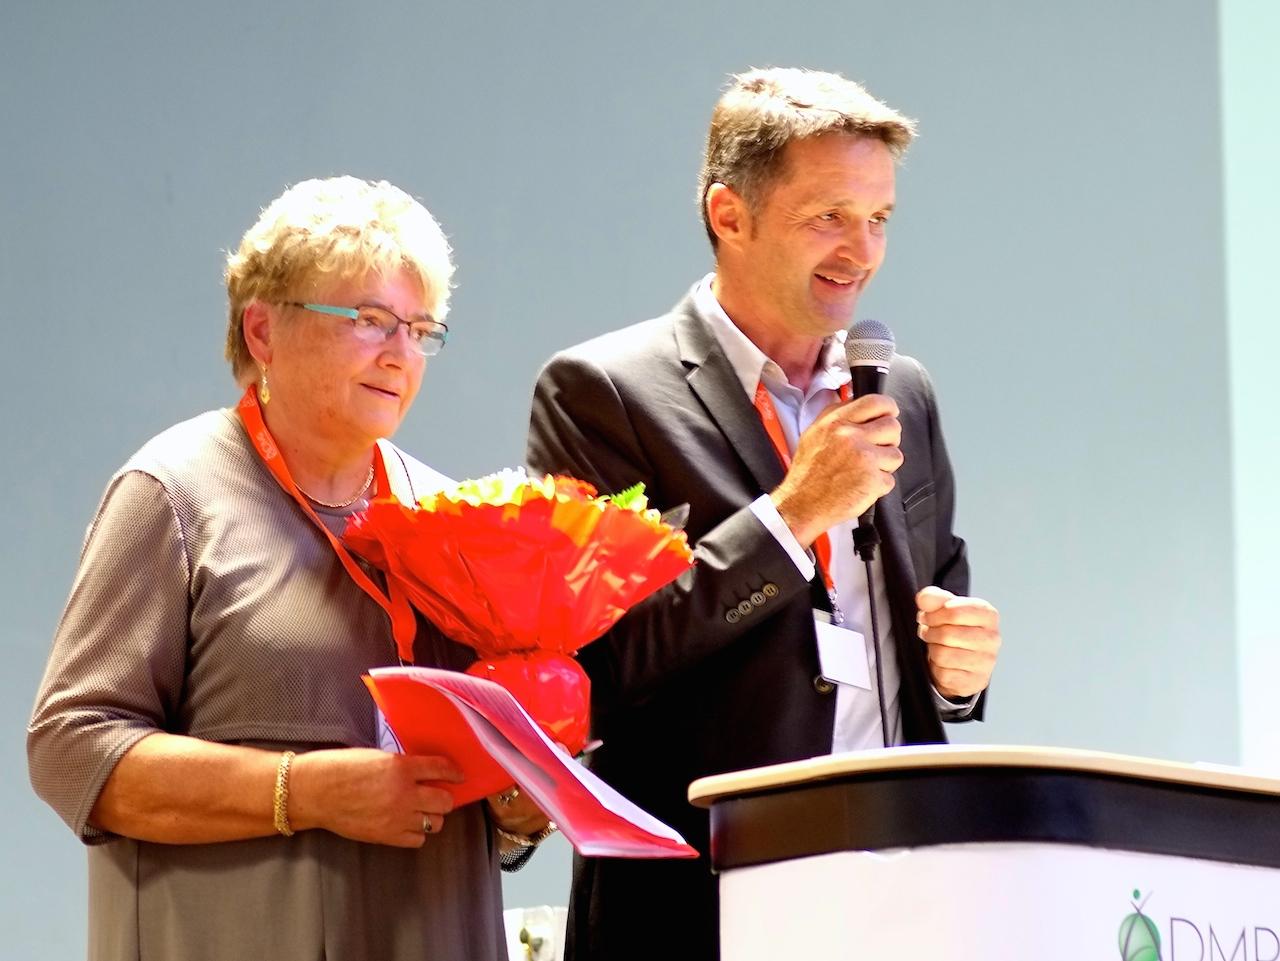 Philippe Alpy remettant des fleurs à Marie-Claude Roethlisberger, présidente de l'ADMR de Clerval, qui assume la présidence intérimaire de l'ADMR de Saône-Mamirole...